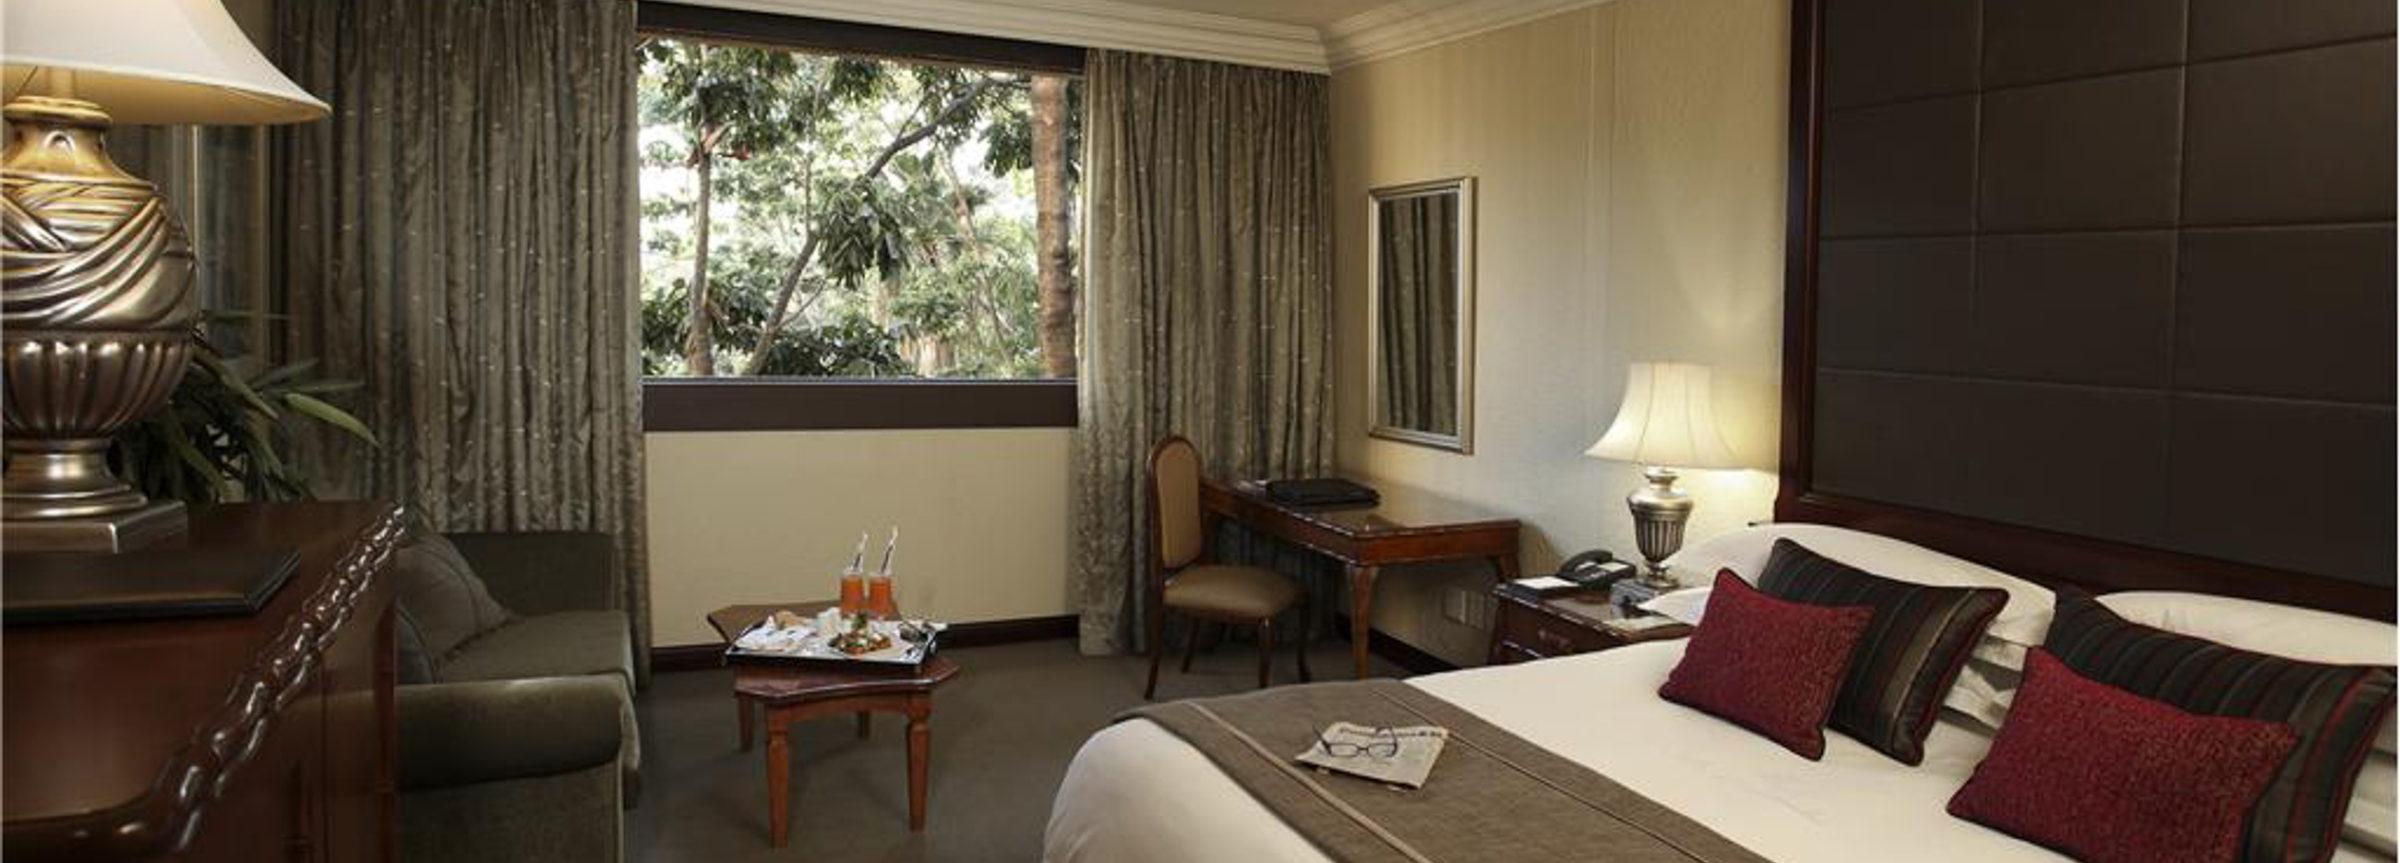 Luxury Family Rooms